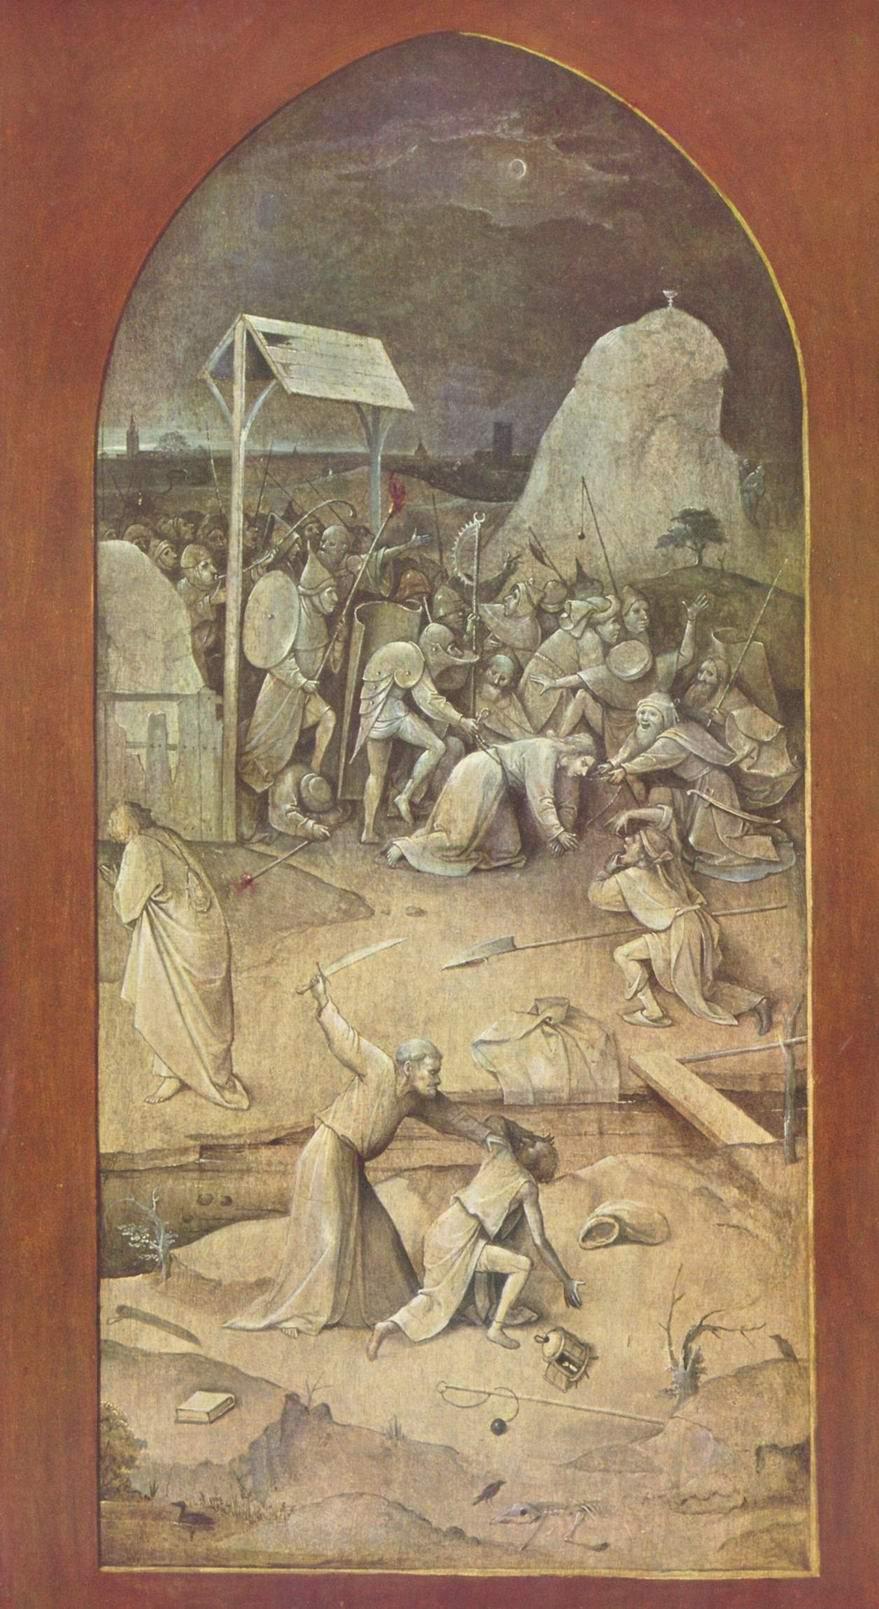 Искушение святого Антония, триптих, оборотная сторона левой створки  Взятие Христа под стражу, Босх Иероним